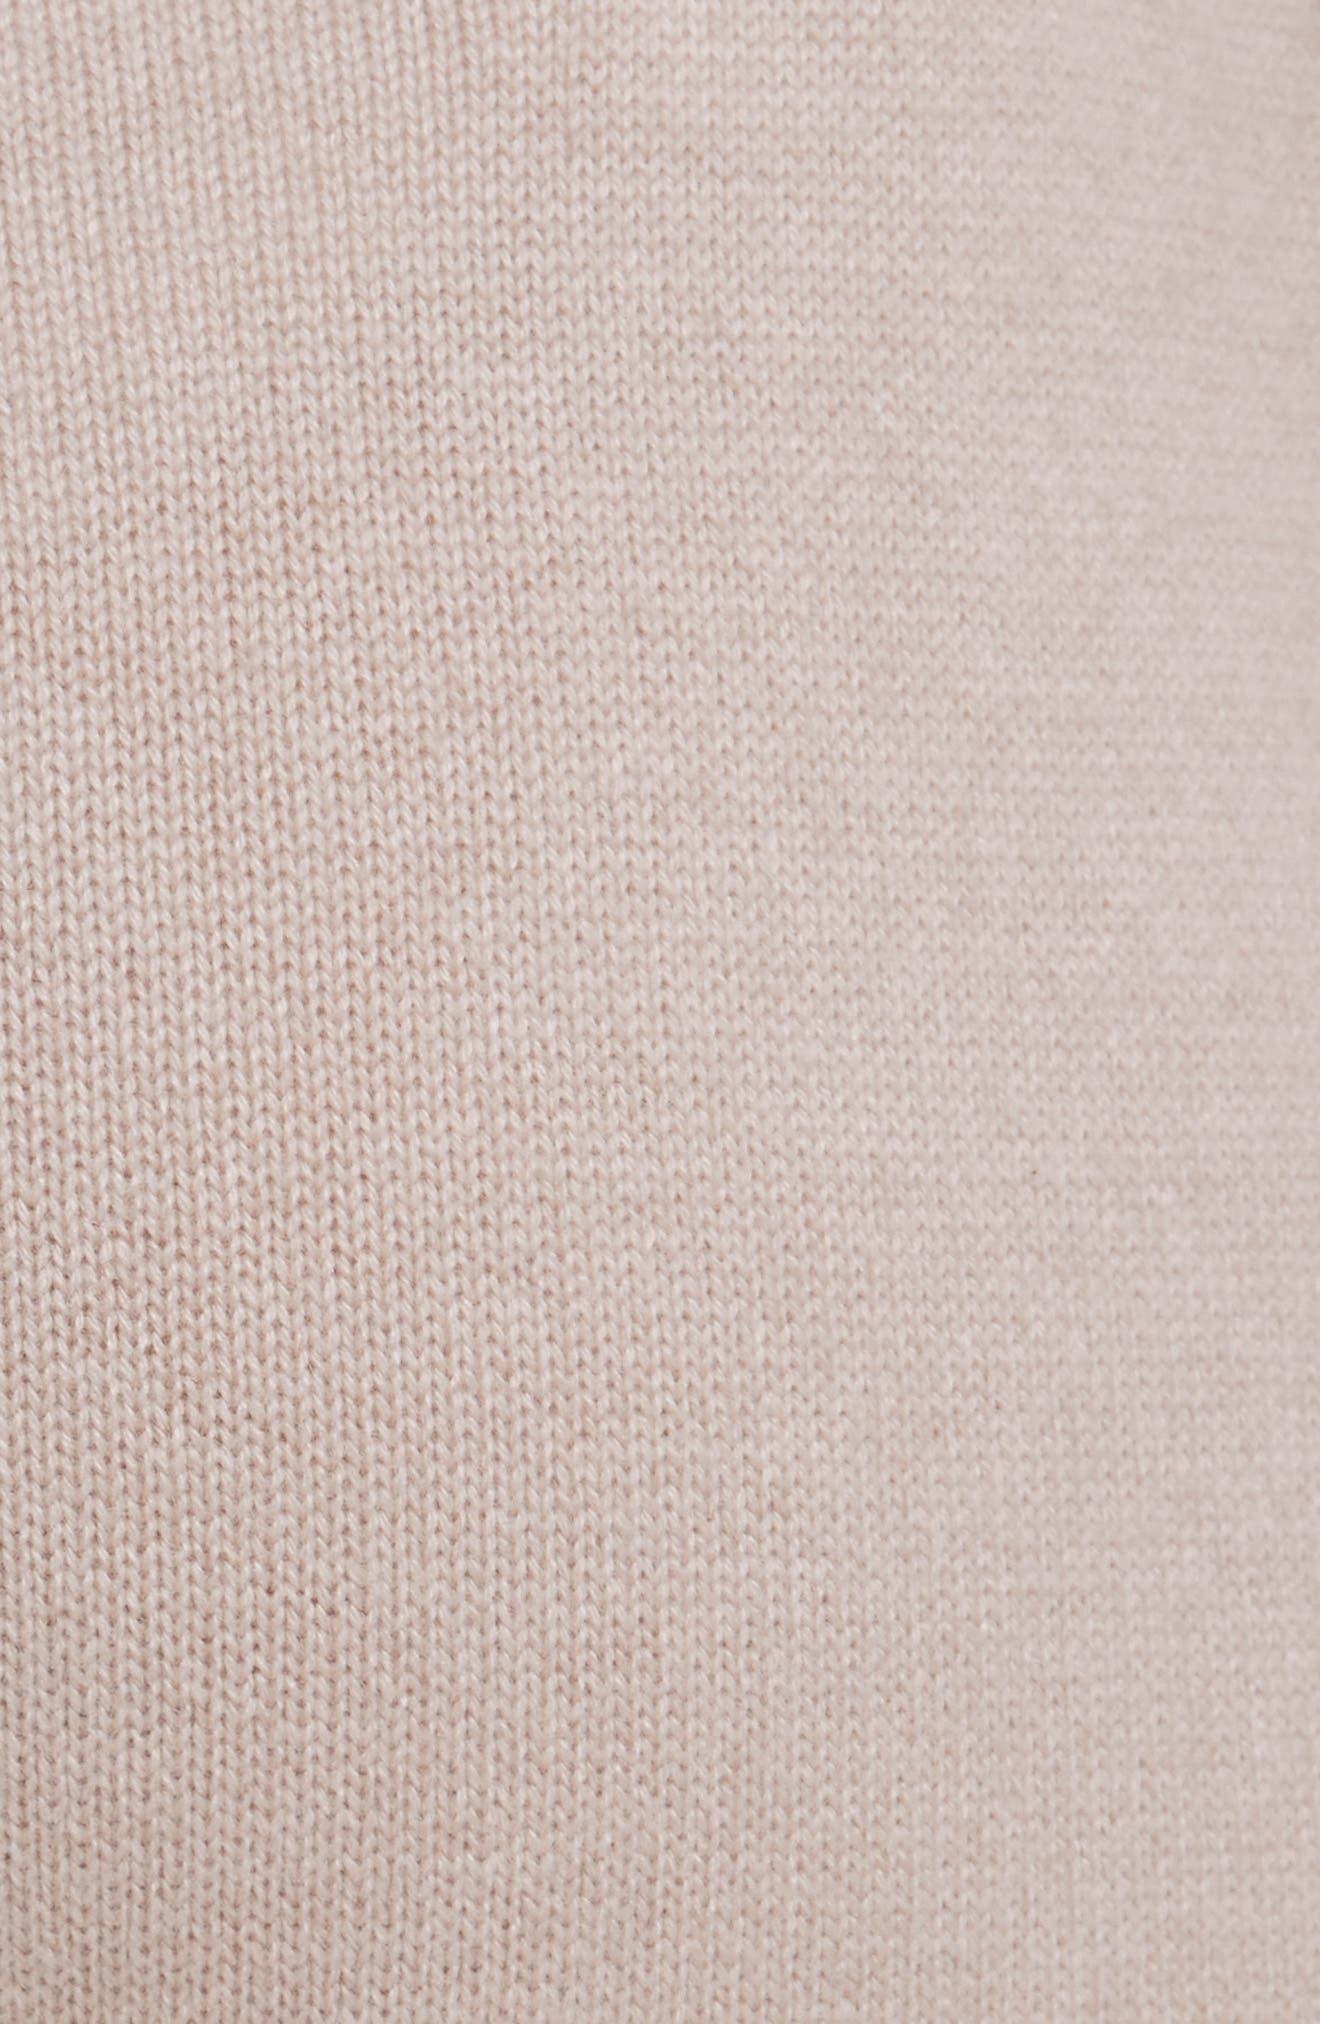 Sutton Cashmere Pants,                             Alternate thumbnail 5, color,                             211